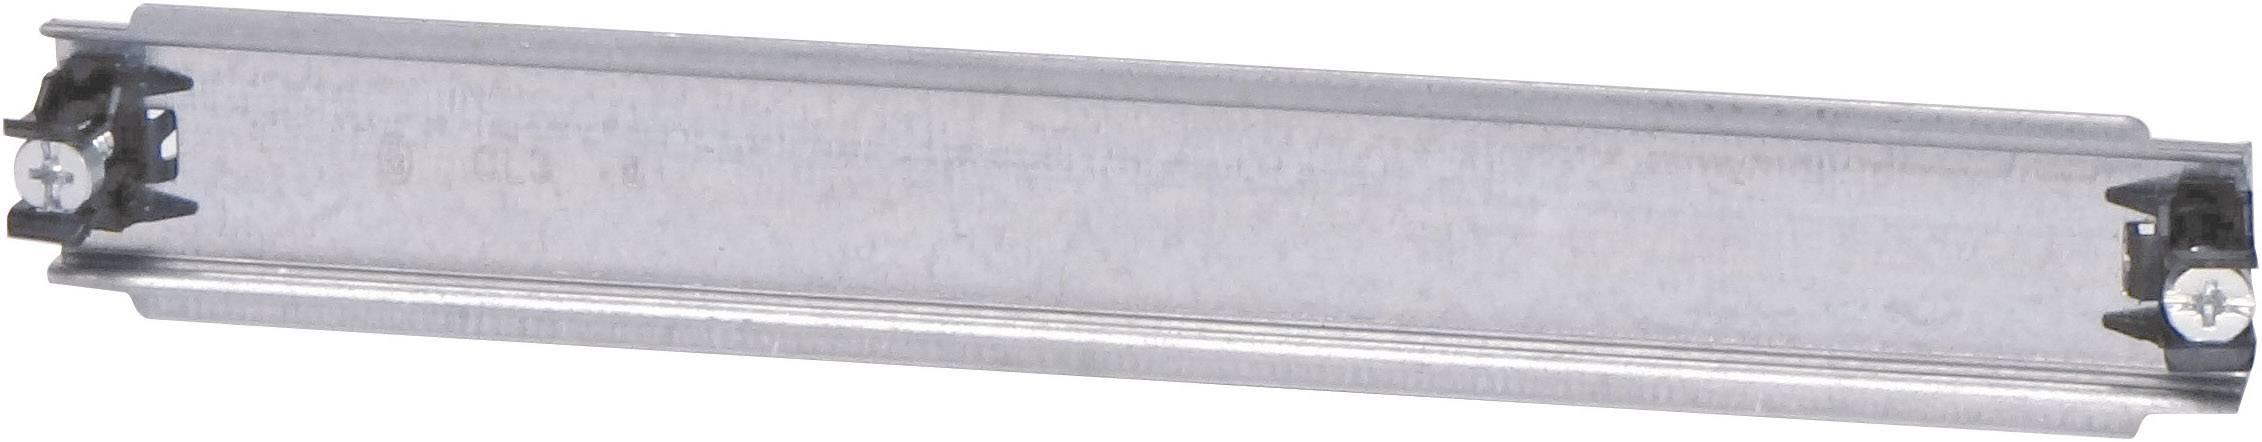 Koľajnice Eaton CL3, 250 mm, oceľový plech, 1 ks